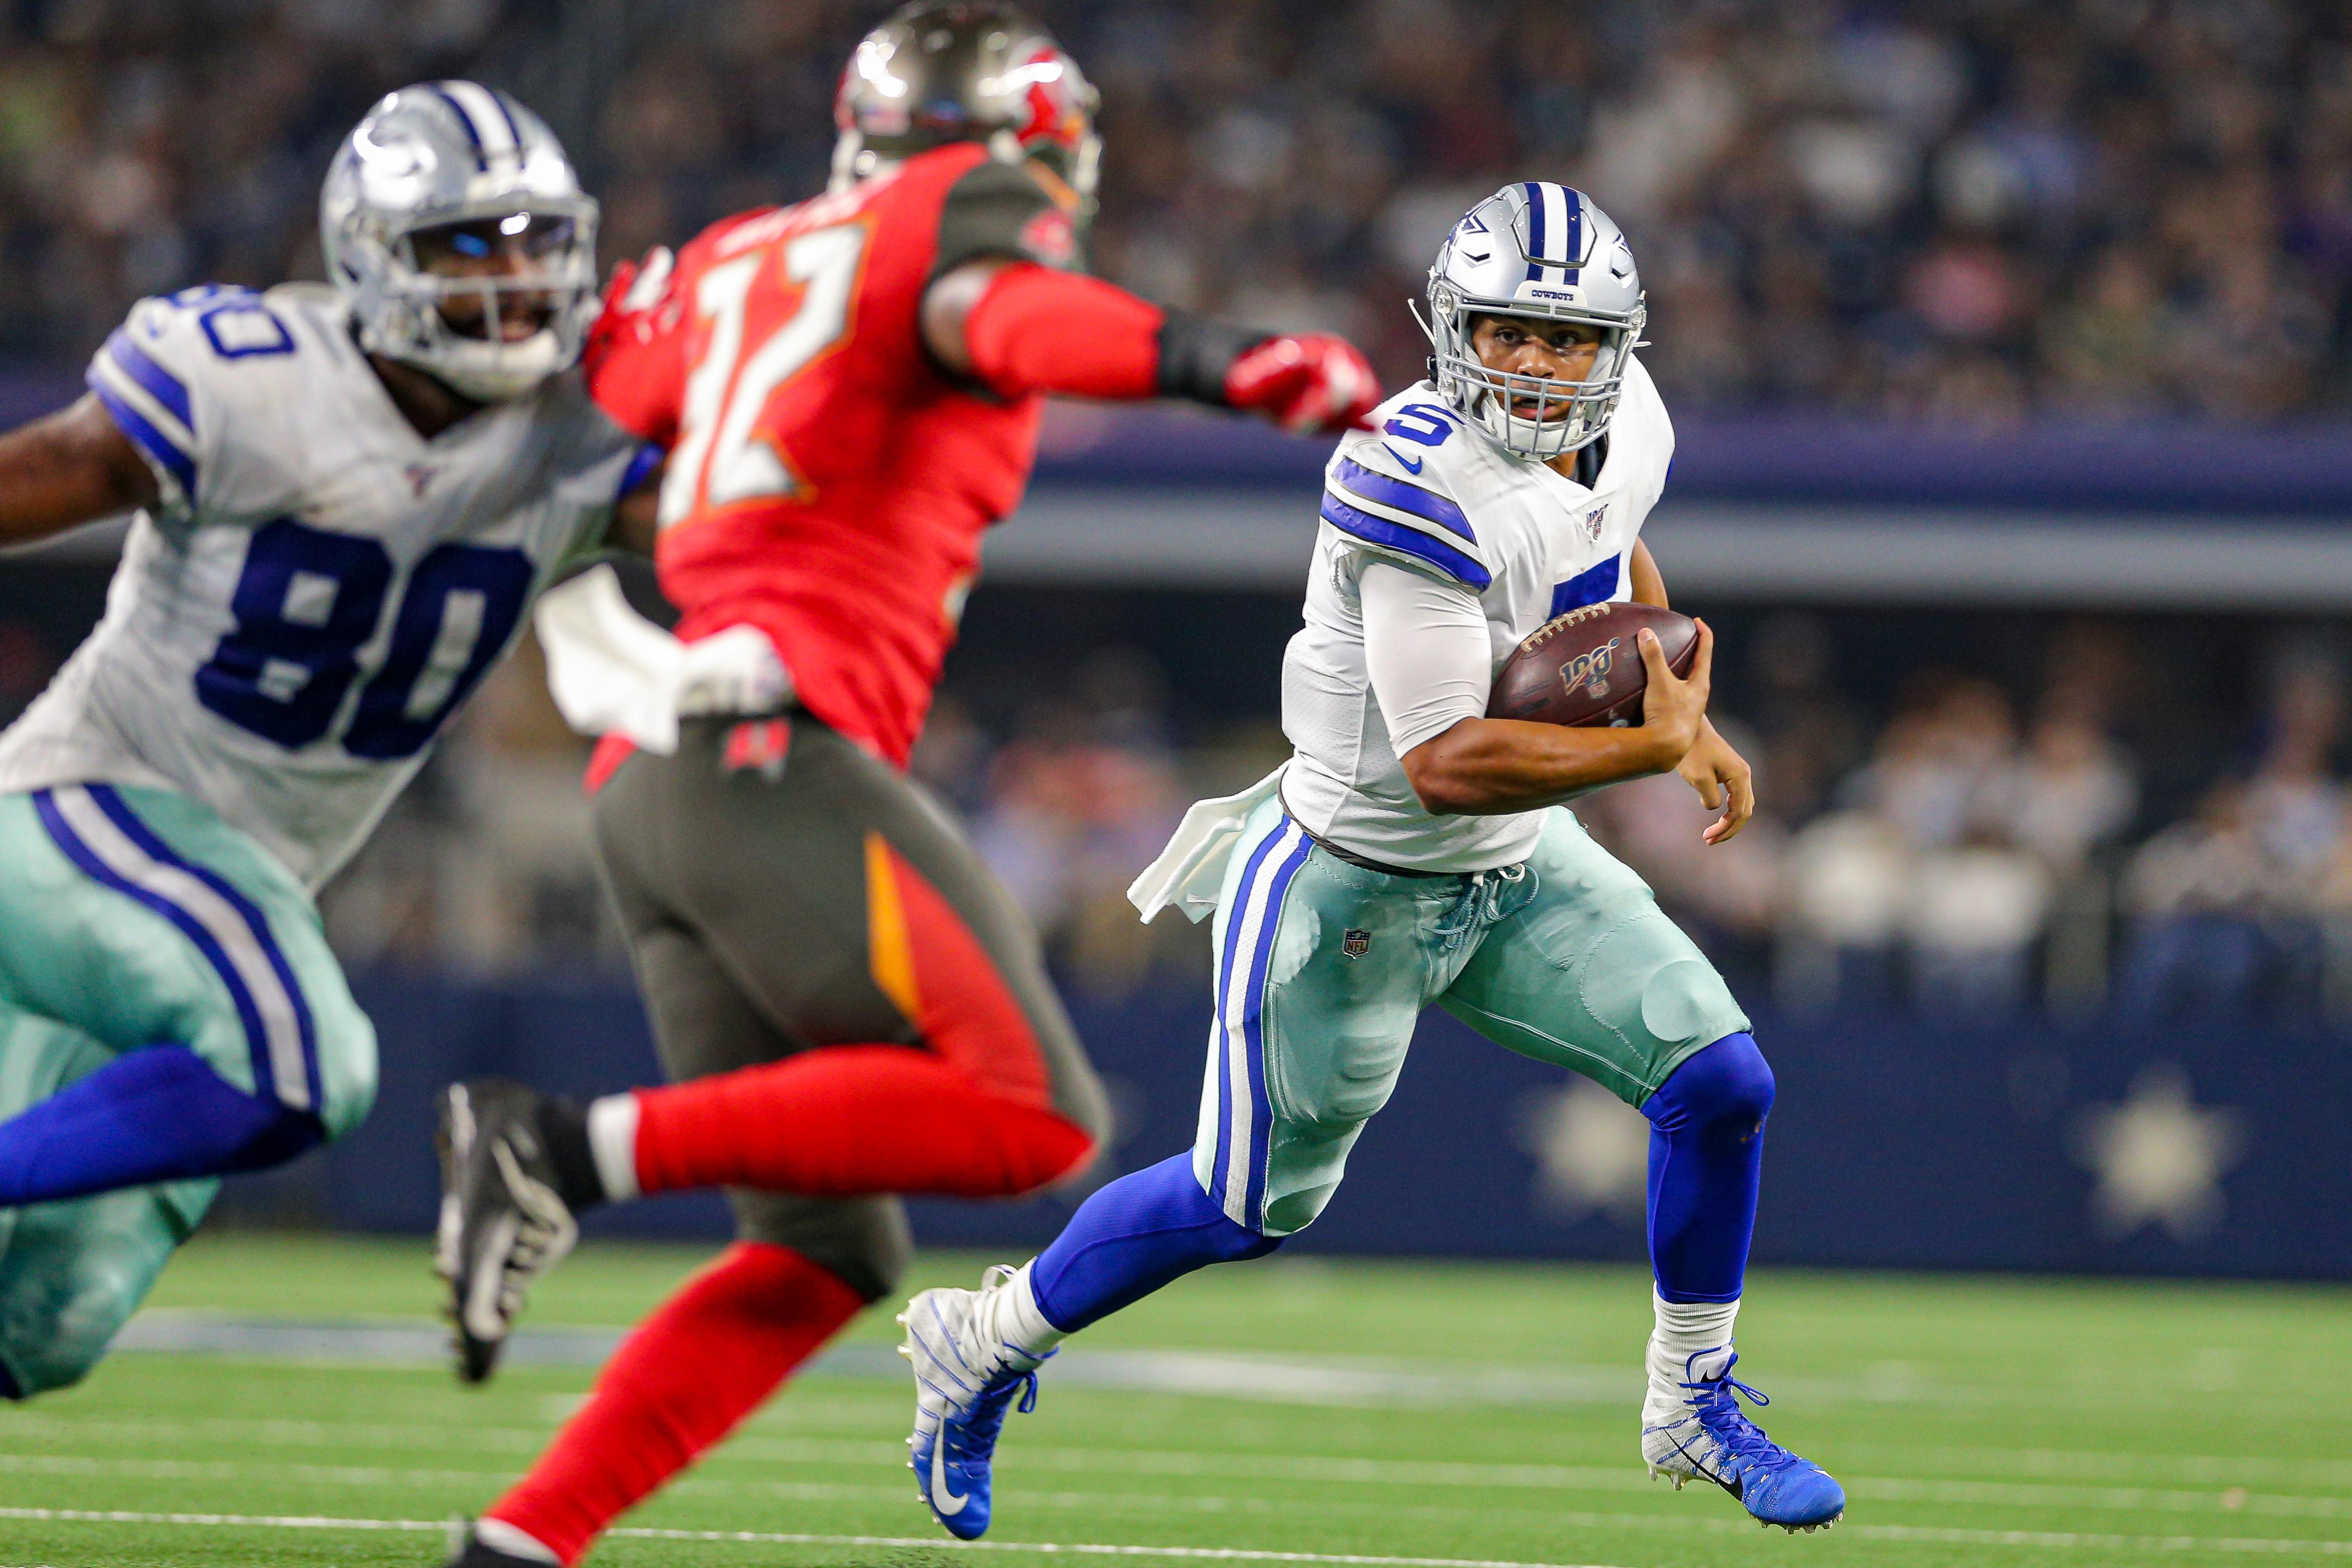 NFL: AUG 29 Preseason - Buccaneers at Cowboys